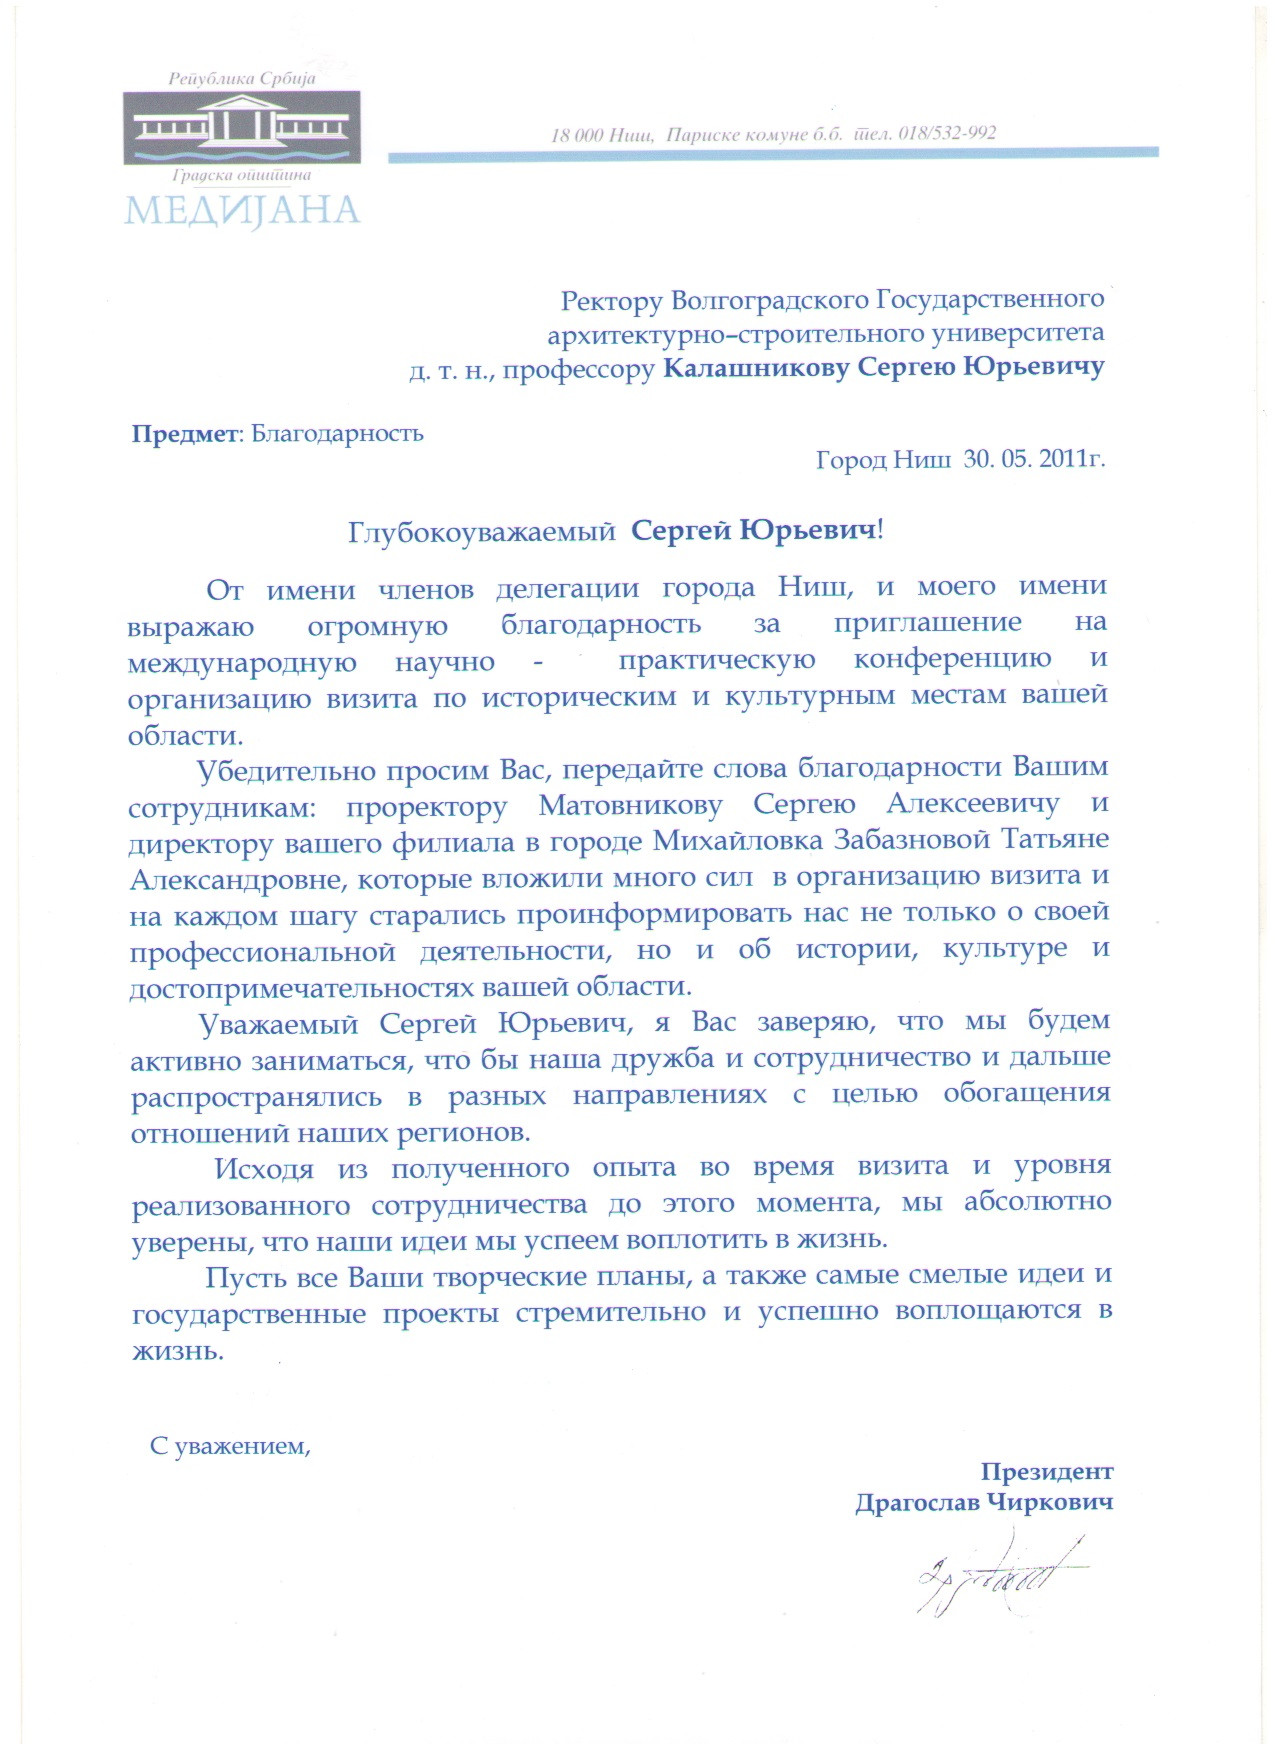 Благодарность Калашникову С.Ю.от членов делегации города Ниш за приглашение на международную конференцию